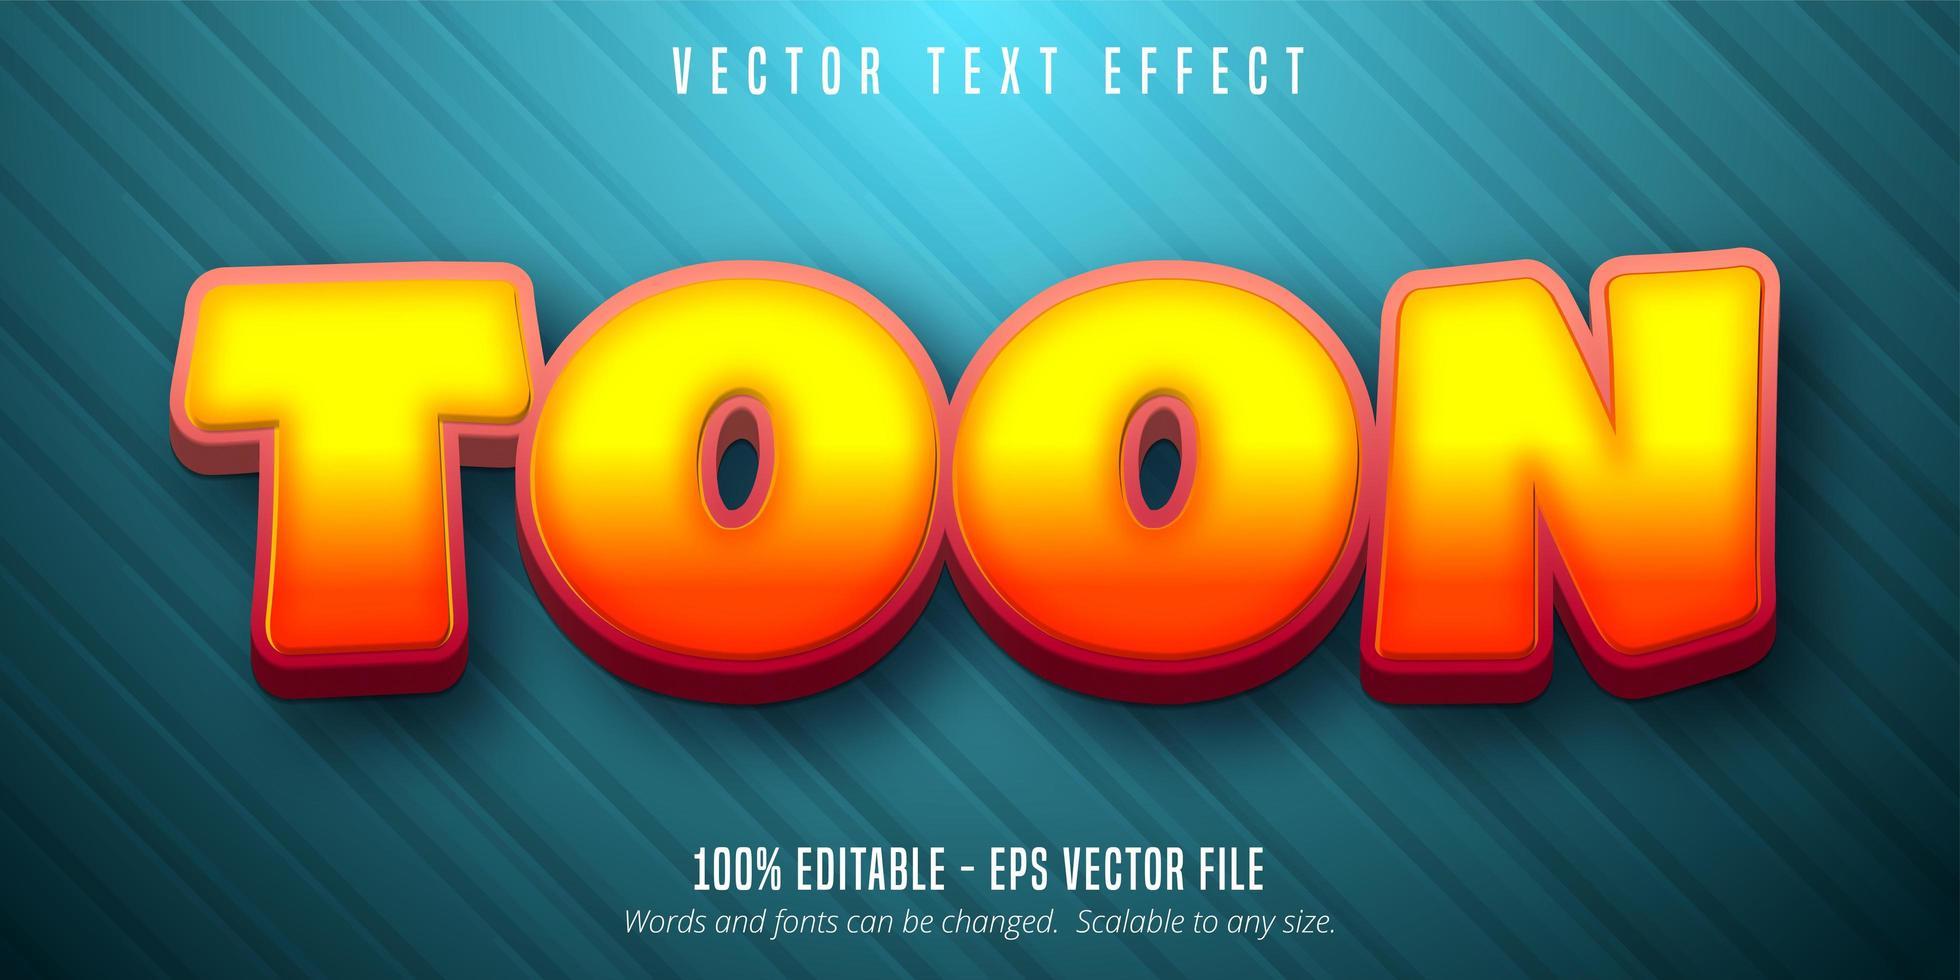 toon tekst cartoon stijl bewerkbaar teksteffect vector